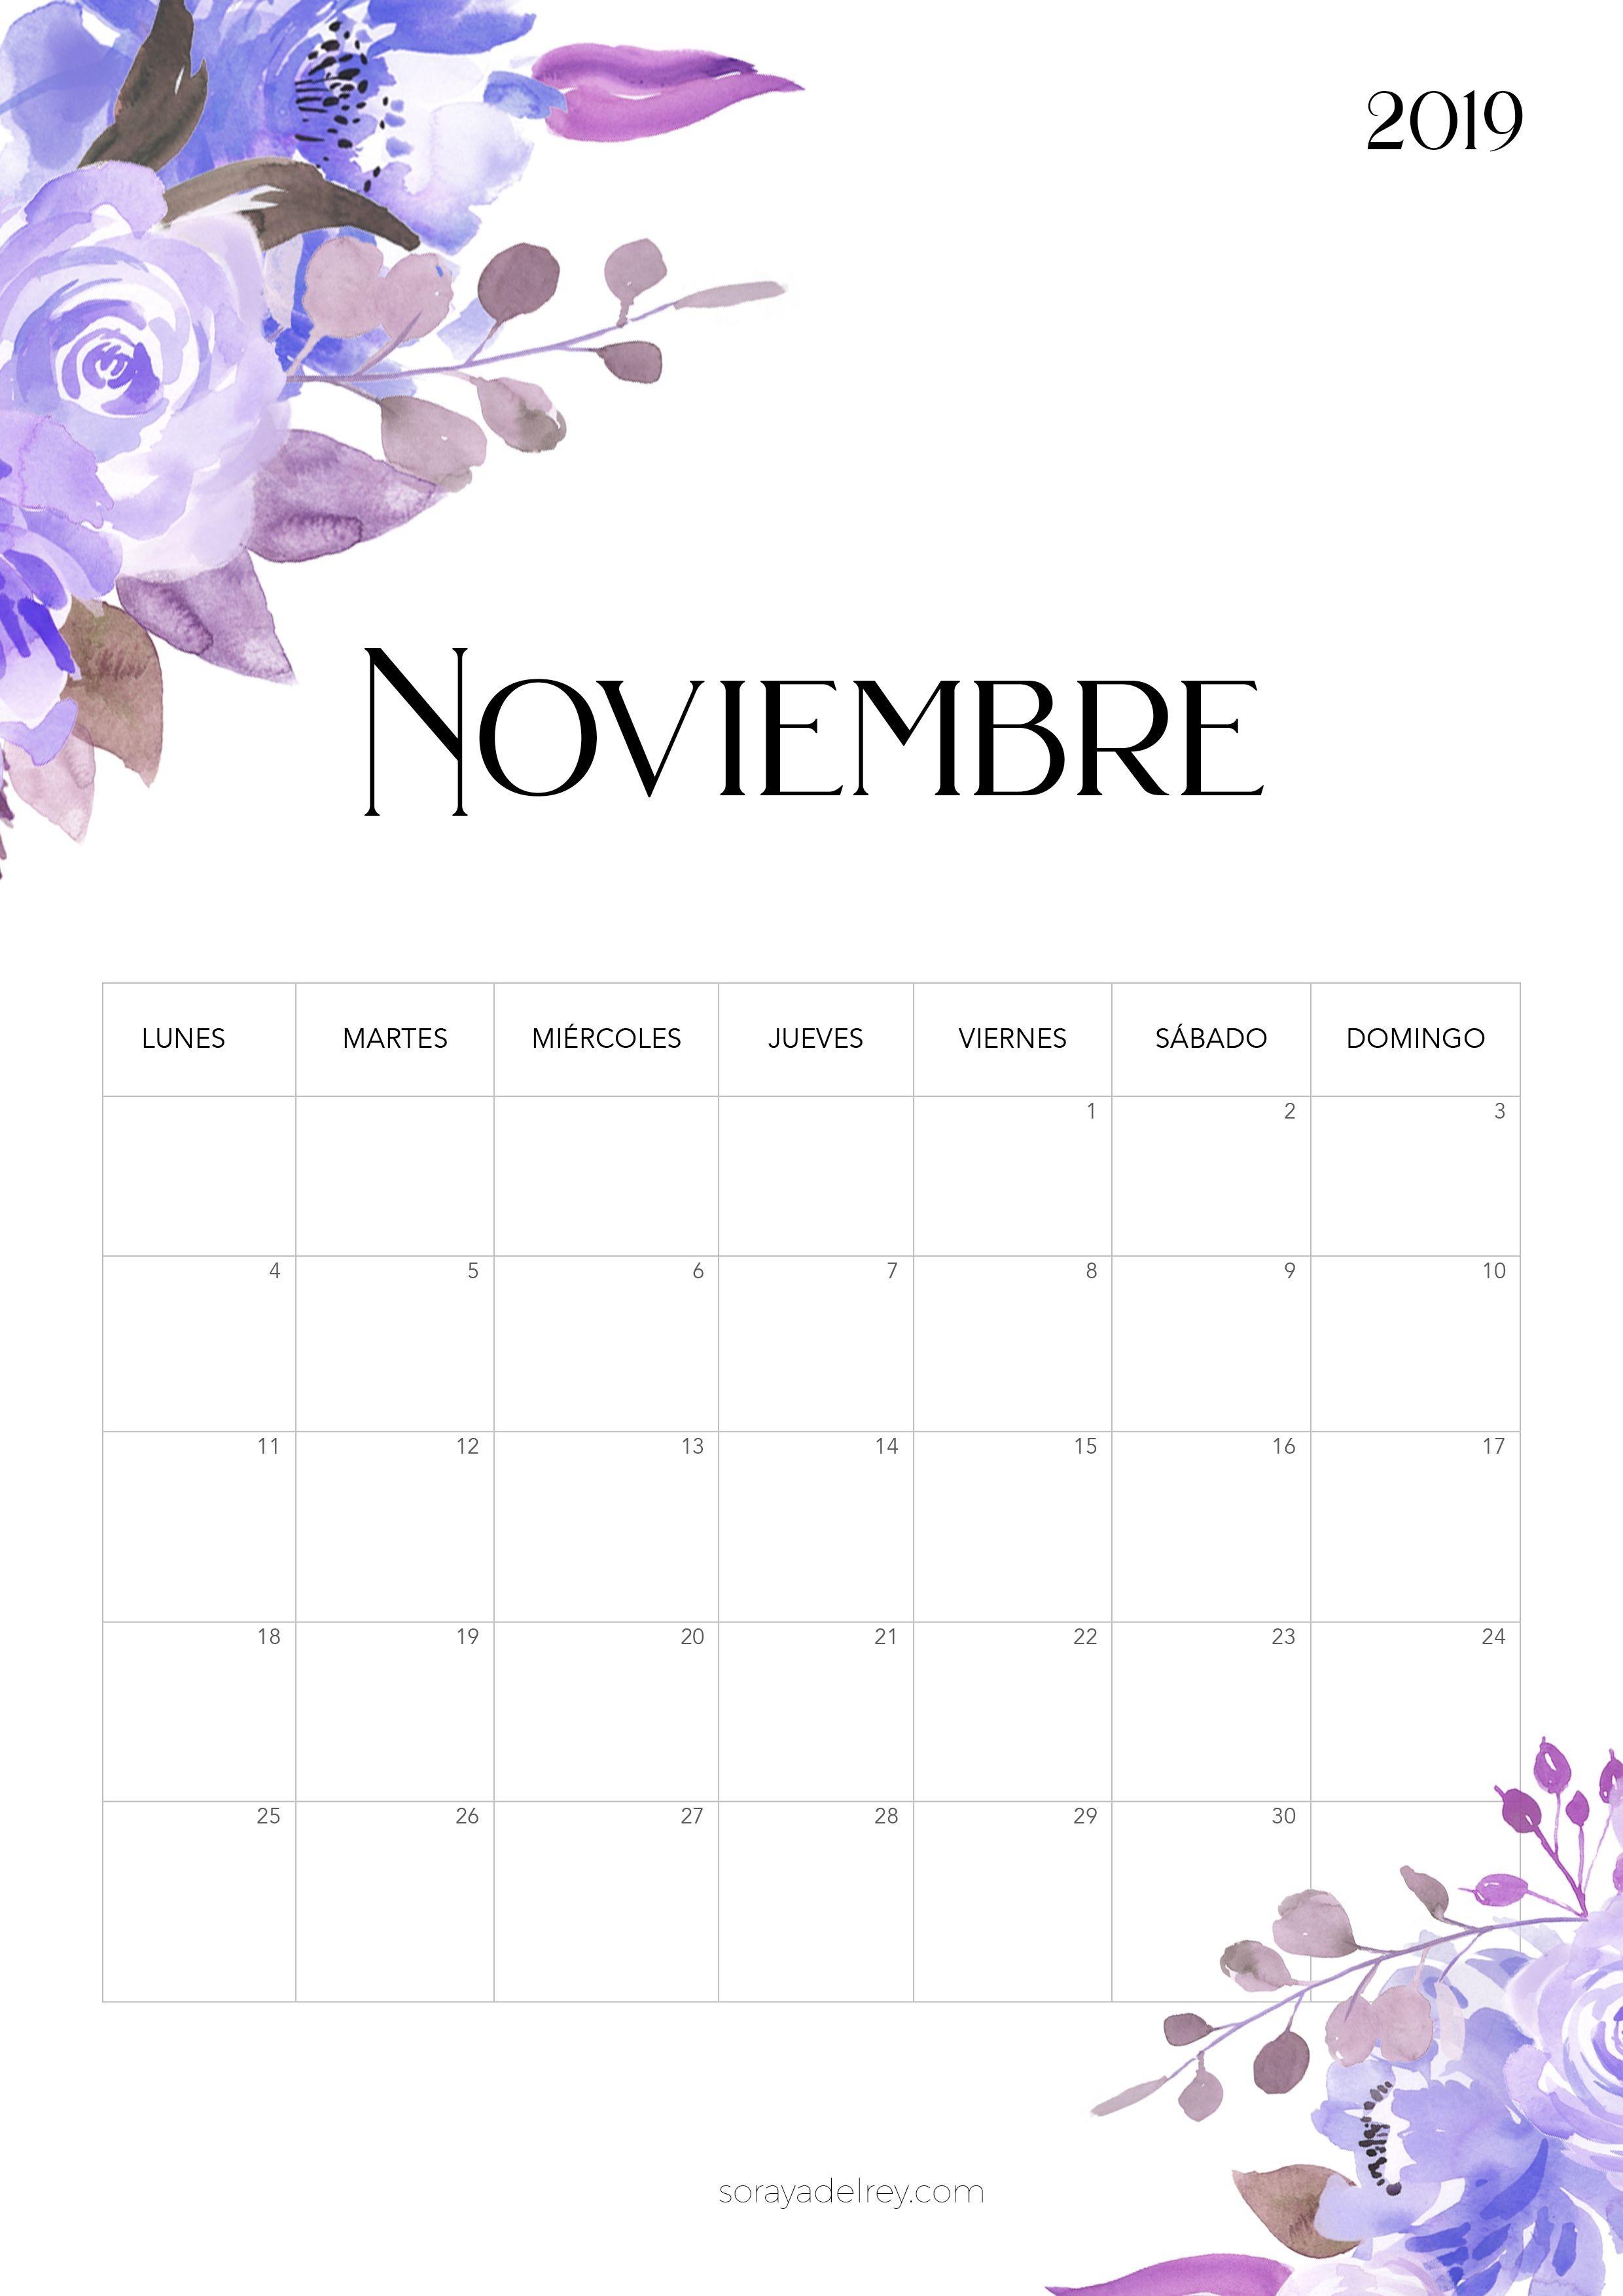 Imprimir Calendario De Octubre 2019 Actual Papeleria Para Imprimir Papeleriaparaimprimir En Pinterest Of Imprimir Calendario De Octubre 2019 Recientes Estos son Por Magaly Luis De solano Descarga En Pdf El Cancionero